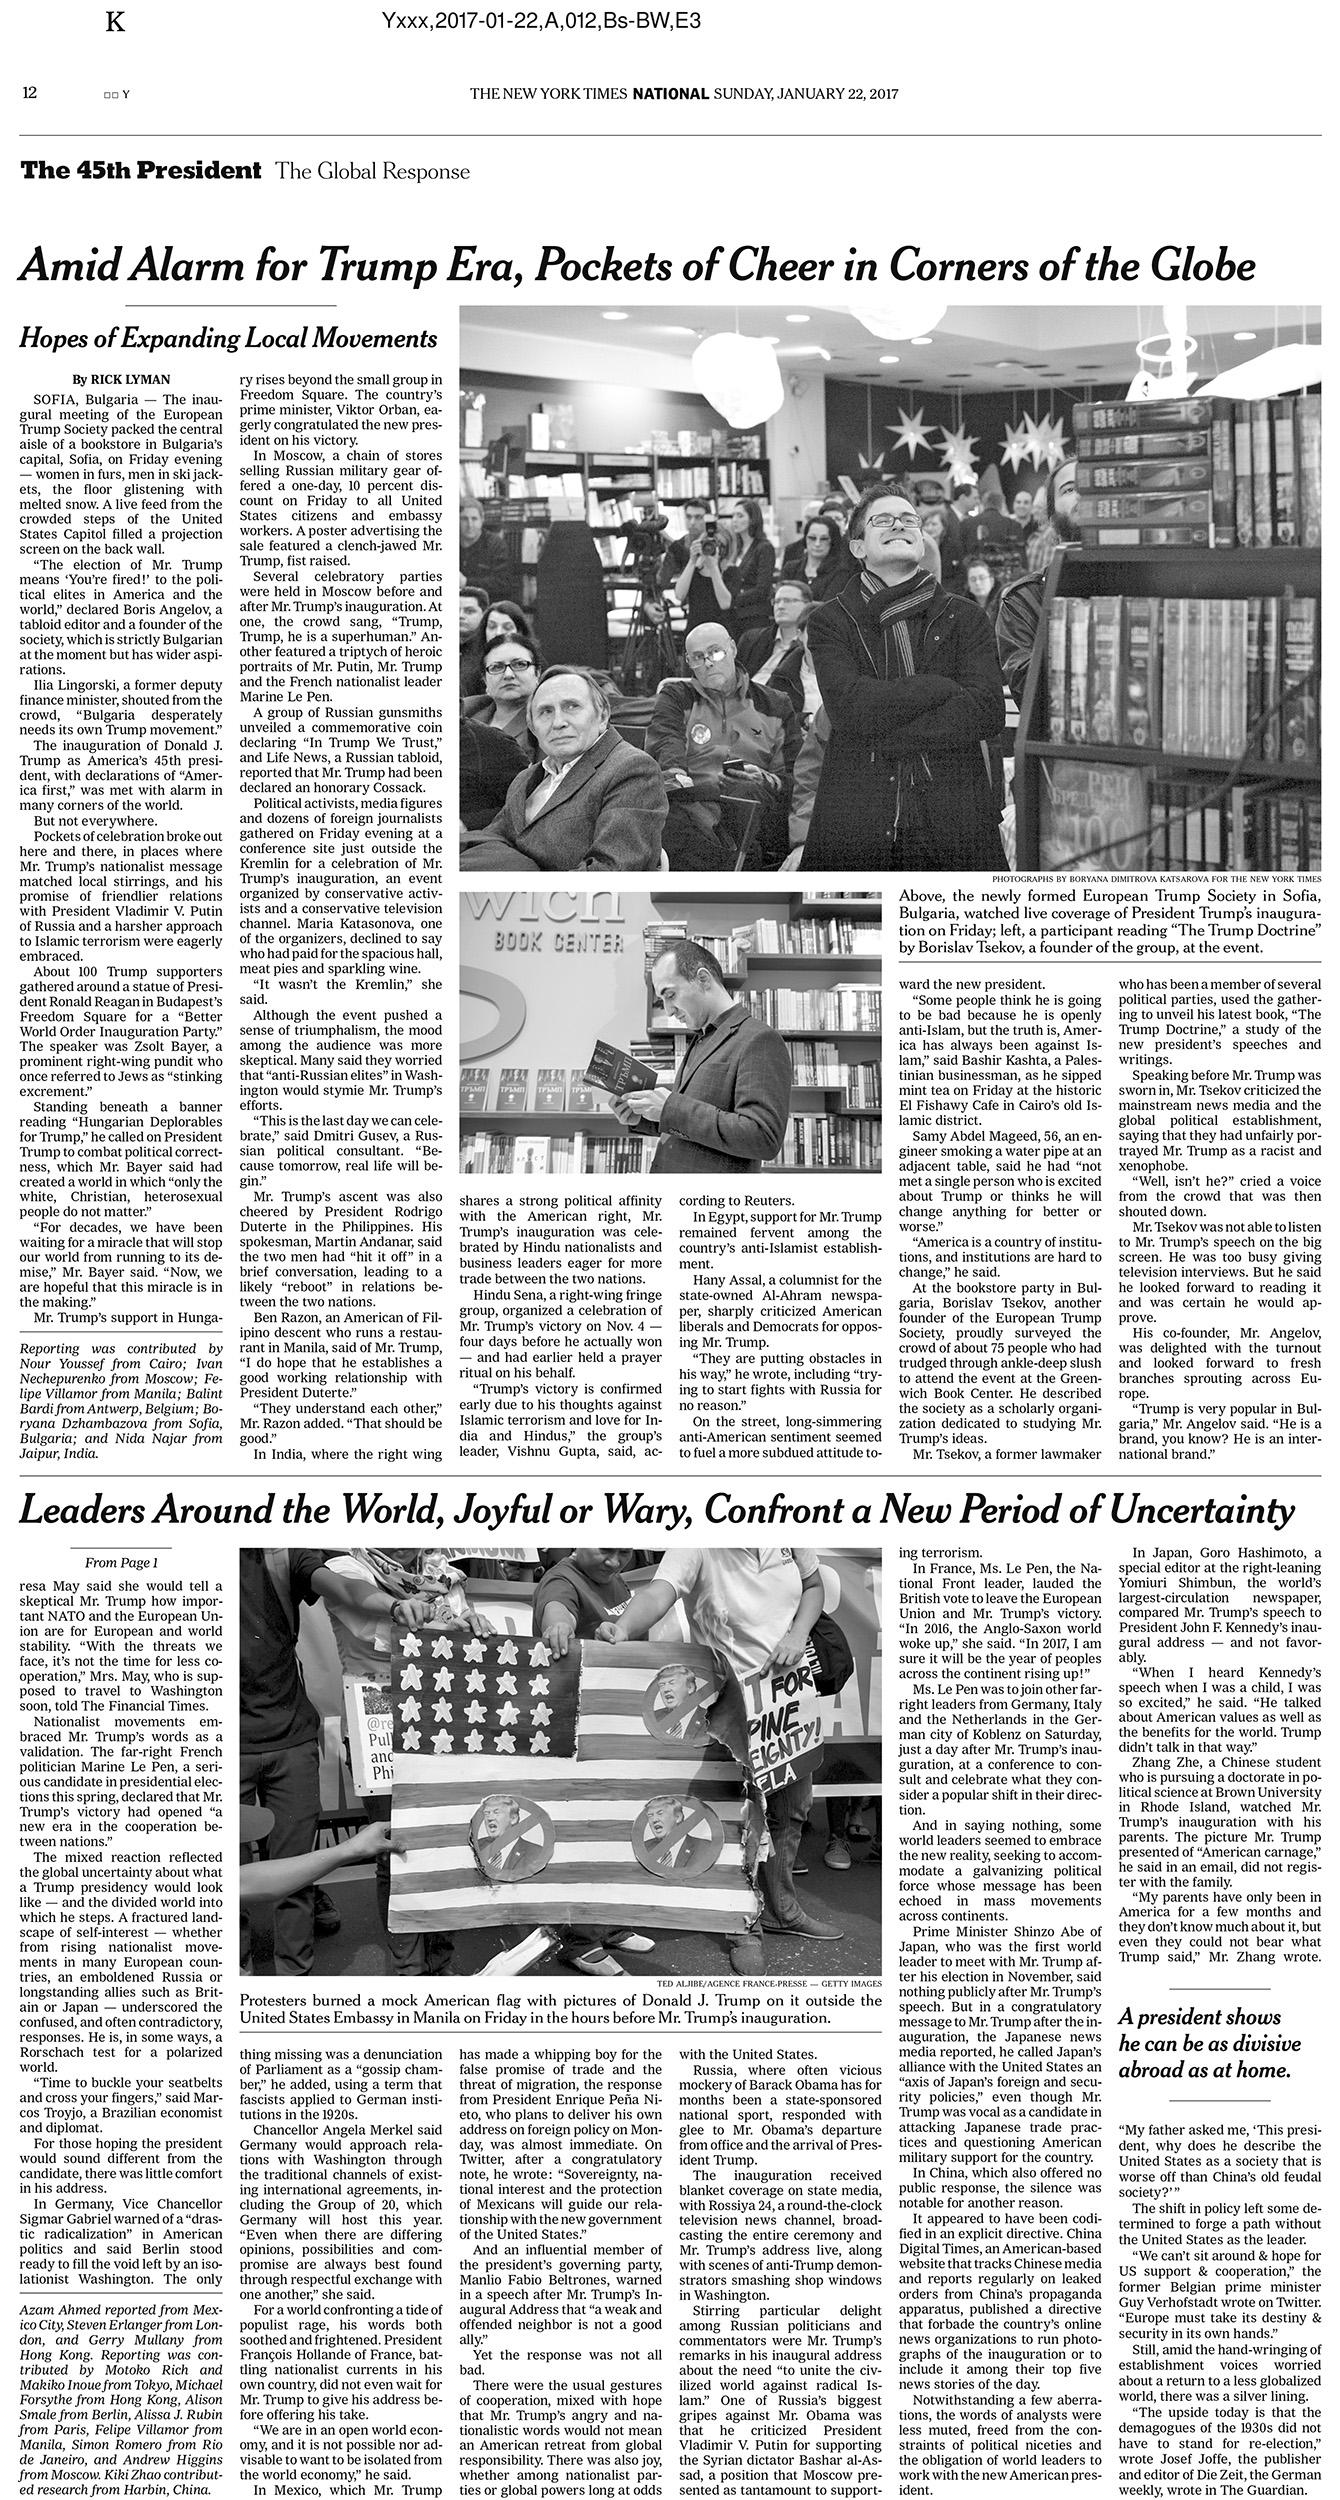 NYT_Bulgaria_Trump_Society_2017